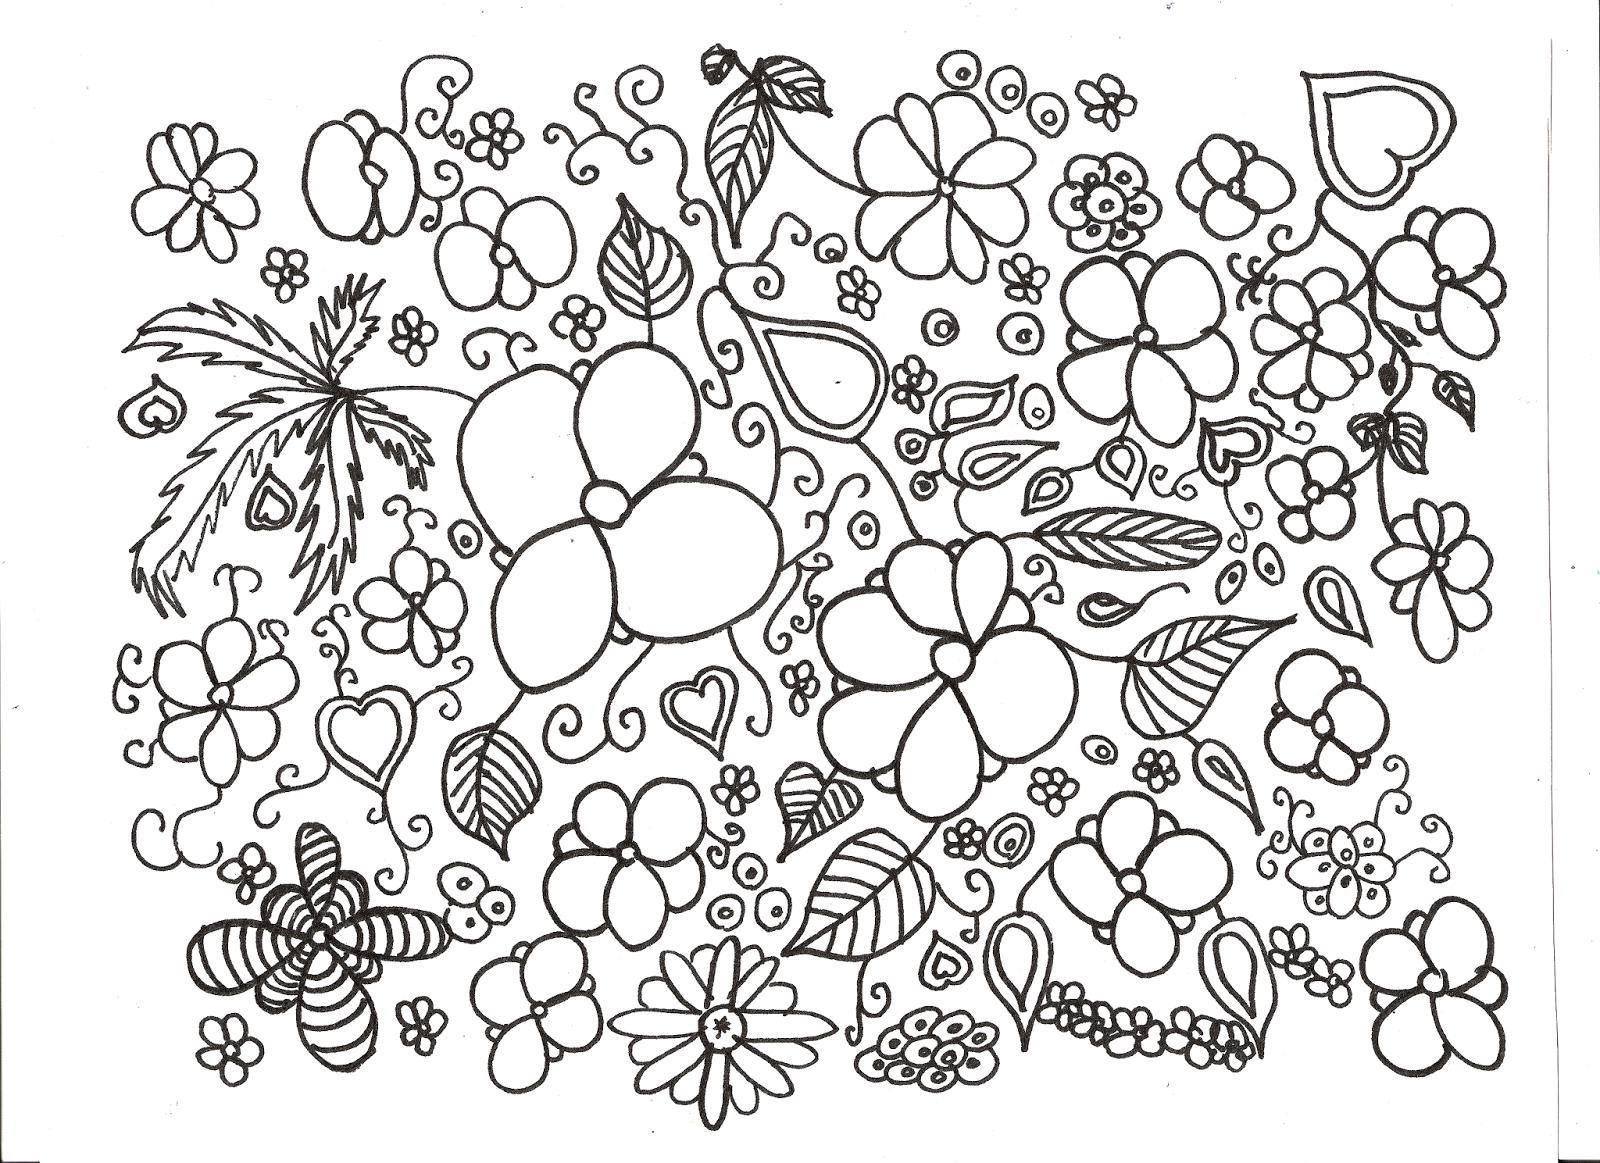 Coloriage Pour Adulte Tatouage - Coloriages gratuits pour adultes lancez vous ! Prima